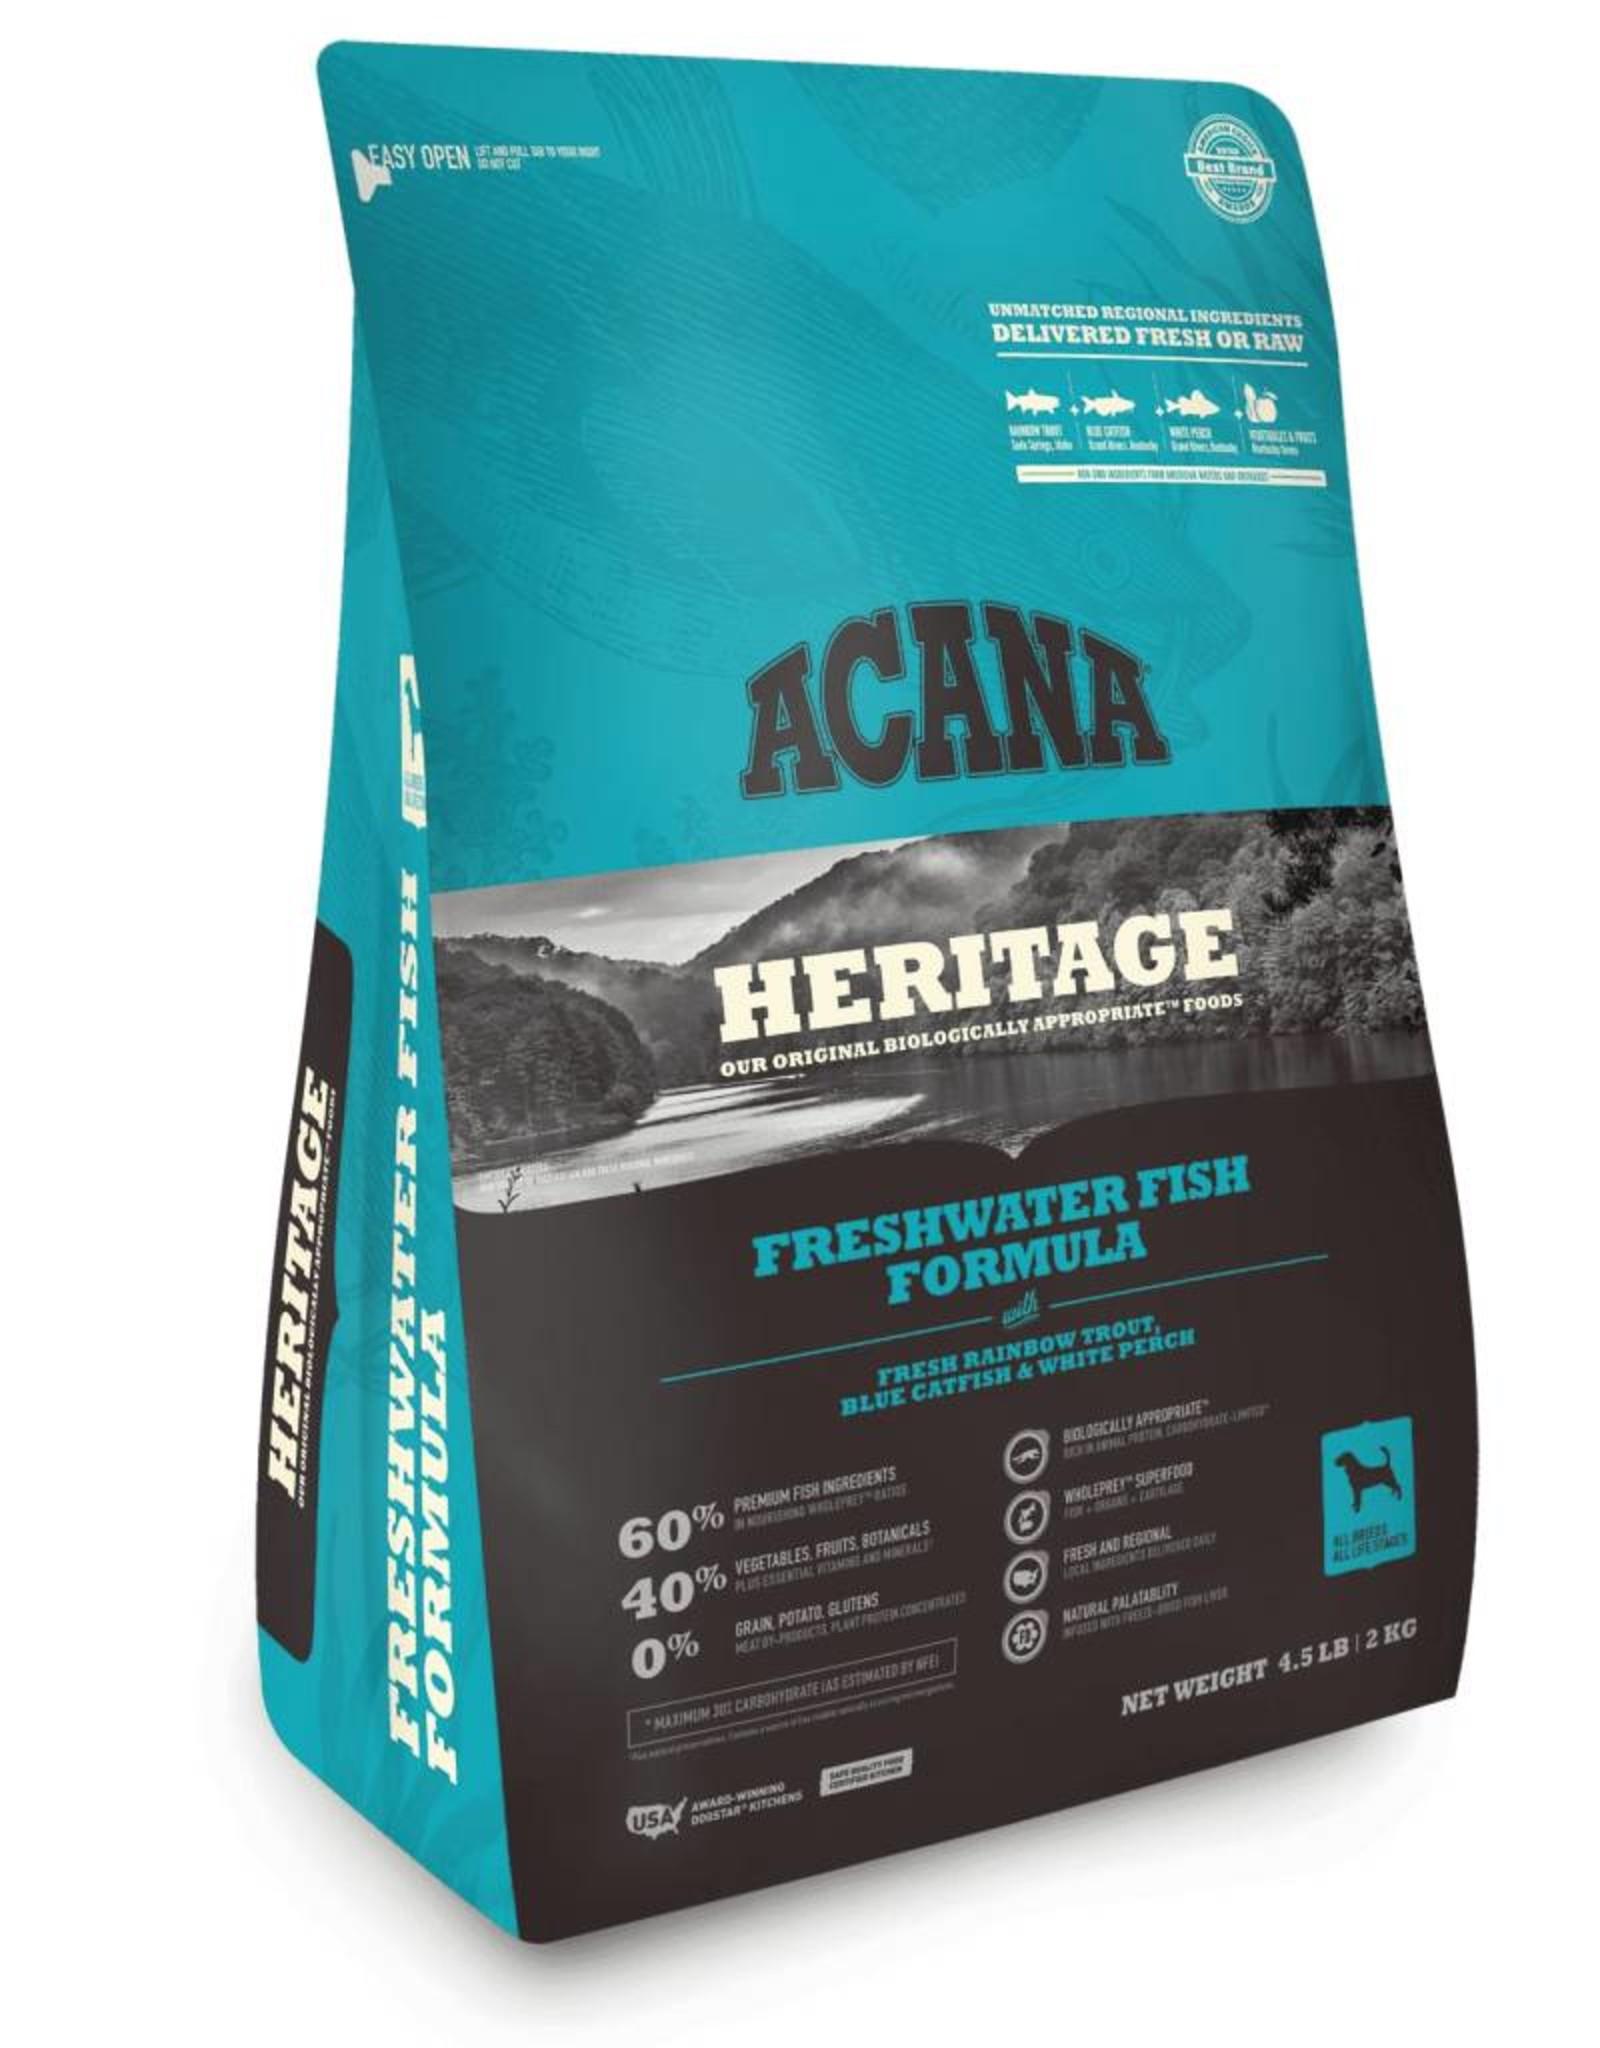 Acana Acana Heritage Freshwater Fish Formula Dry Dog Food-